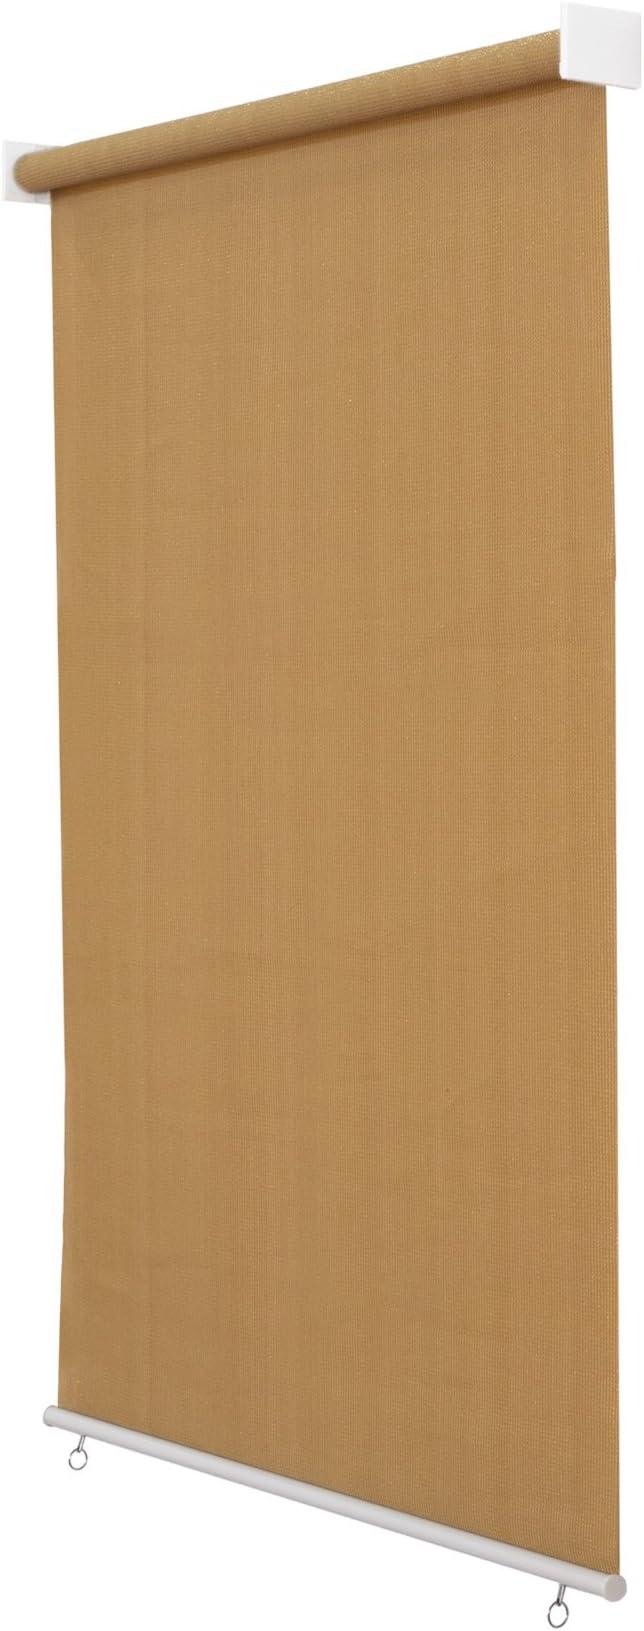 jarolift Estor Exterior/Persiana Exterior/Toldo Vertical, 160 x 240 cm(Ancho x Altura) Beige: Amazon.es: Hogar